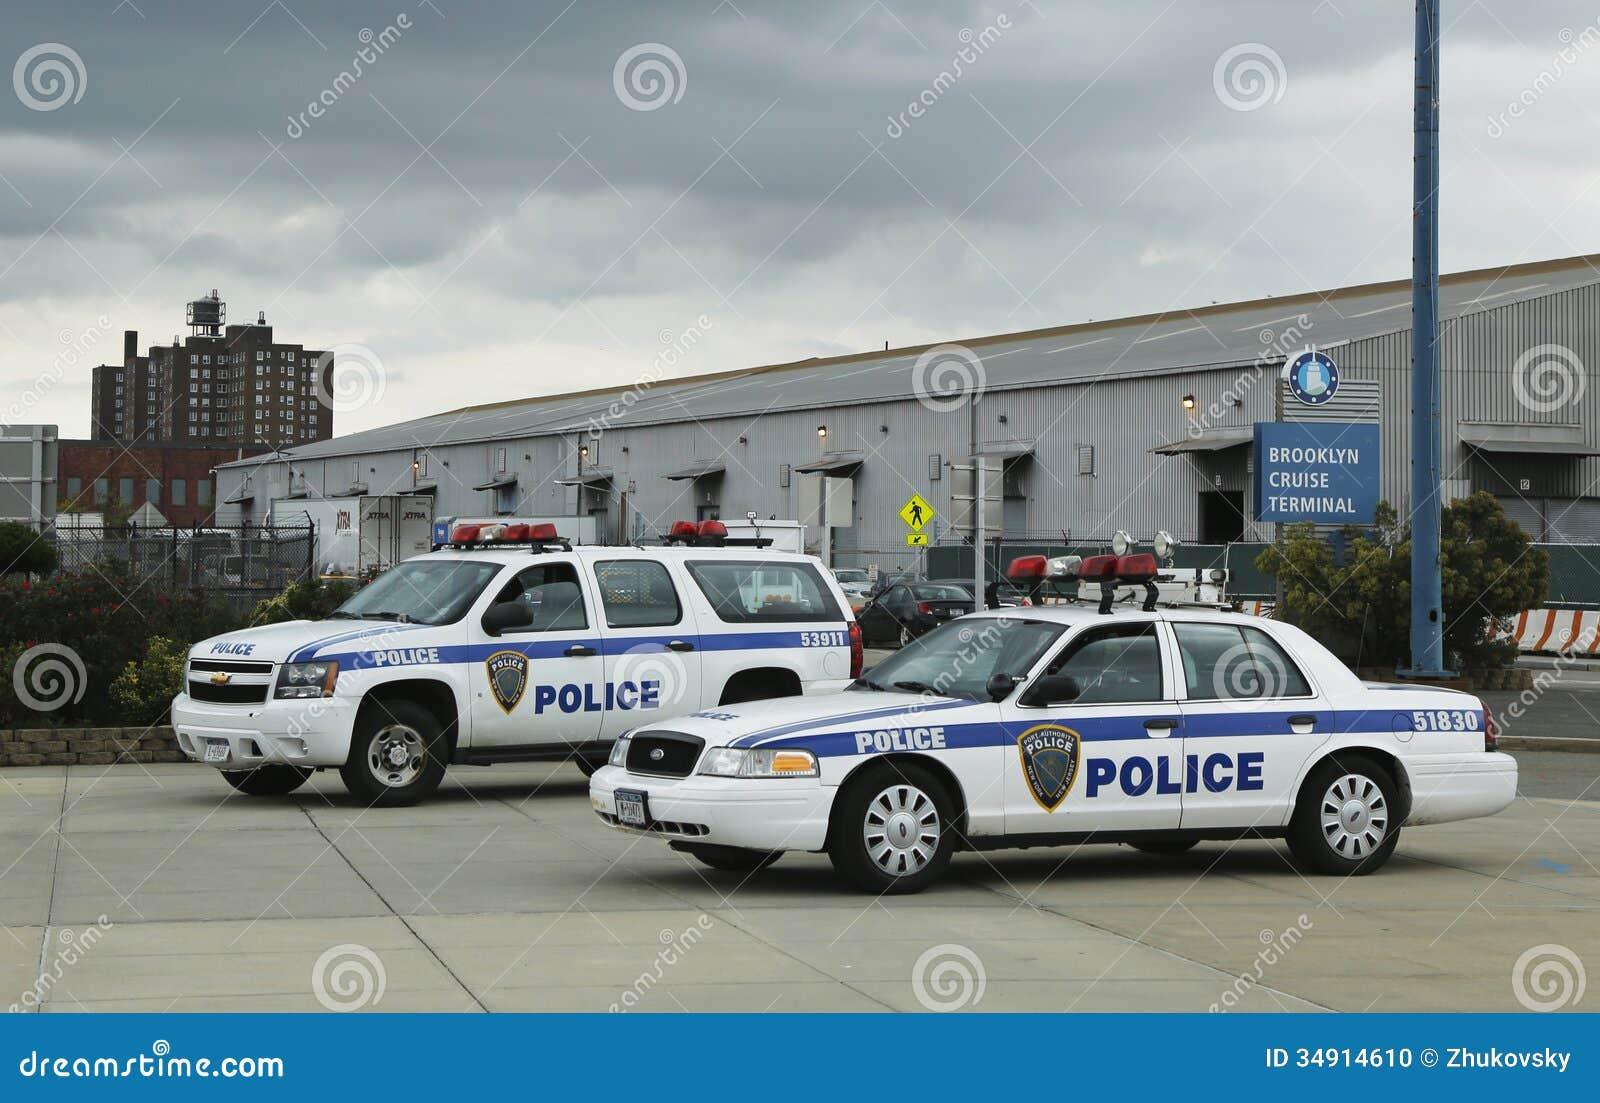 Zarząd Portu Milicyjny Nowy Jork Nowy - bydło providing ochronę dla Szmaragdowego Princess statku wycieczkowego dokującego przy Br